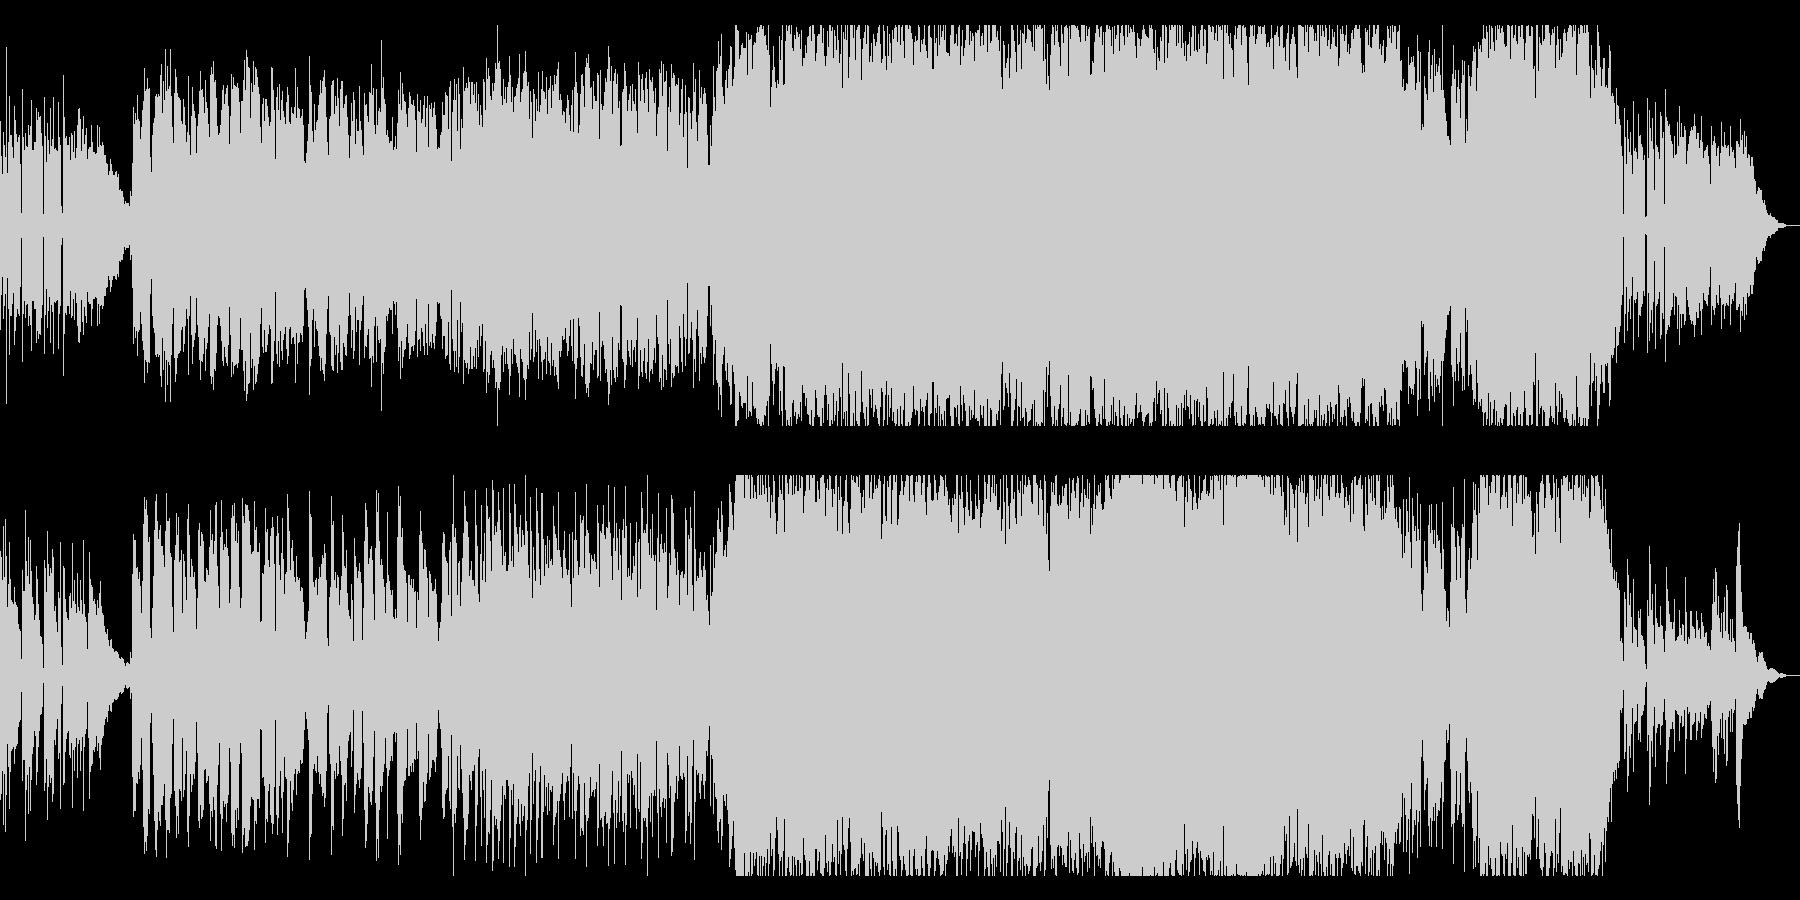 やさしいサウンドと歌声のアコースティックの未再生の波形